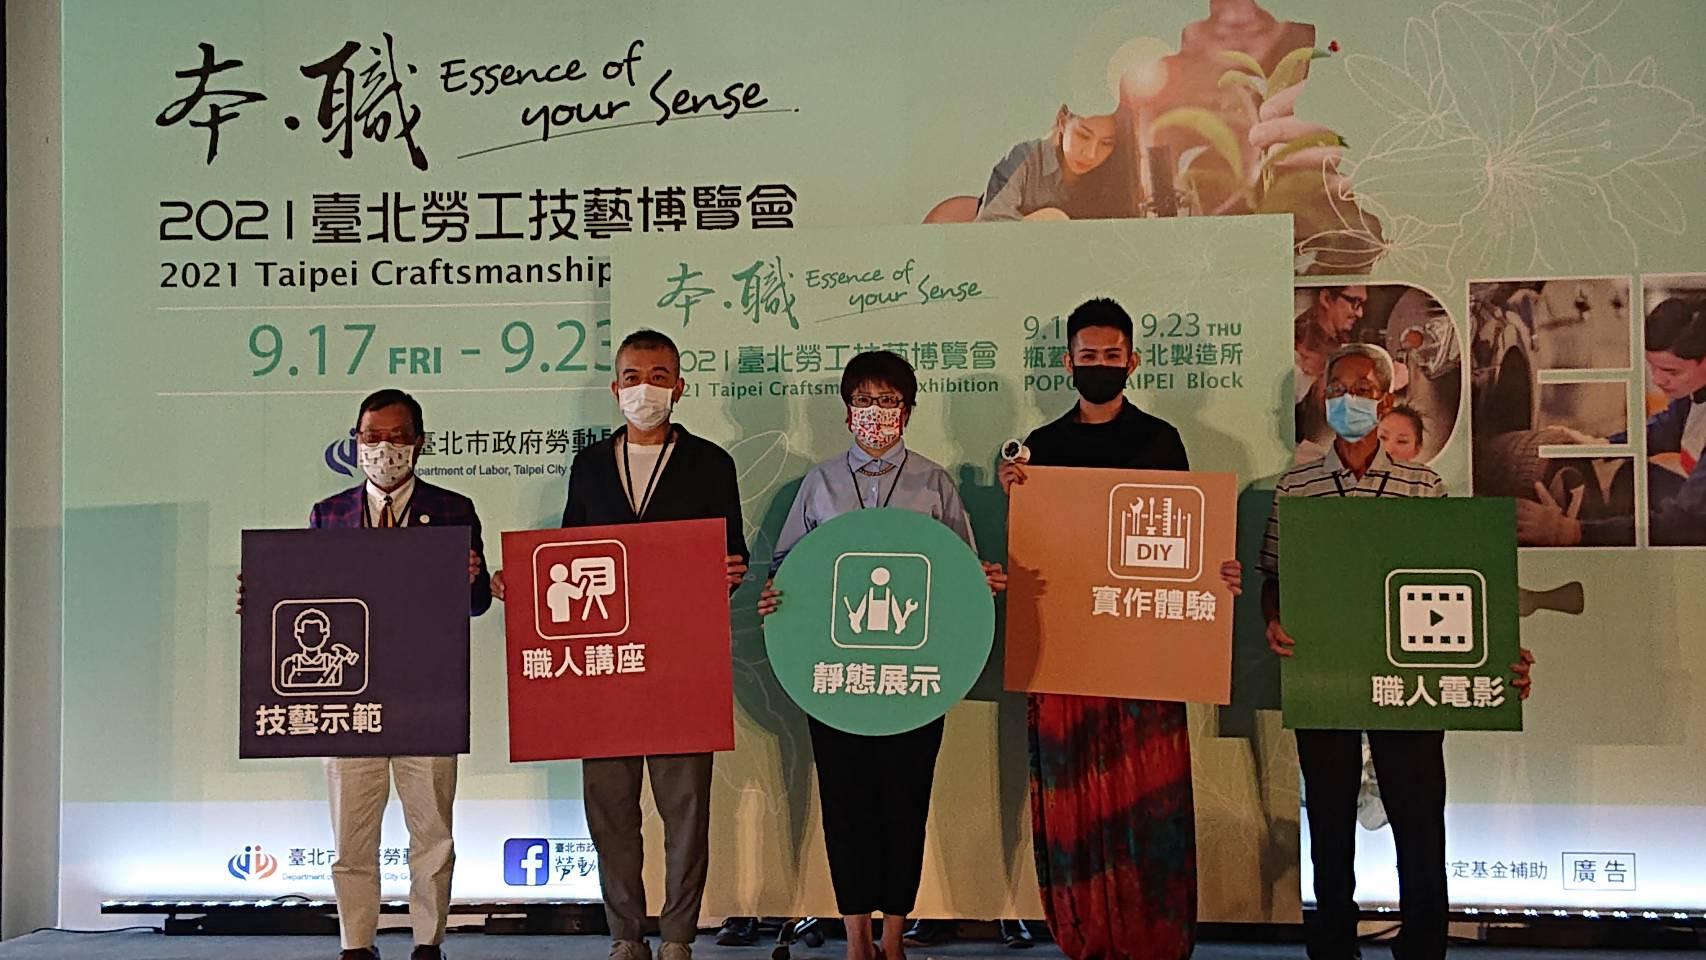 2021台北勞工技藝博覽會     將於9月17日中秋連假熱鬧登場